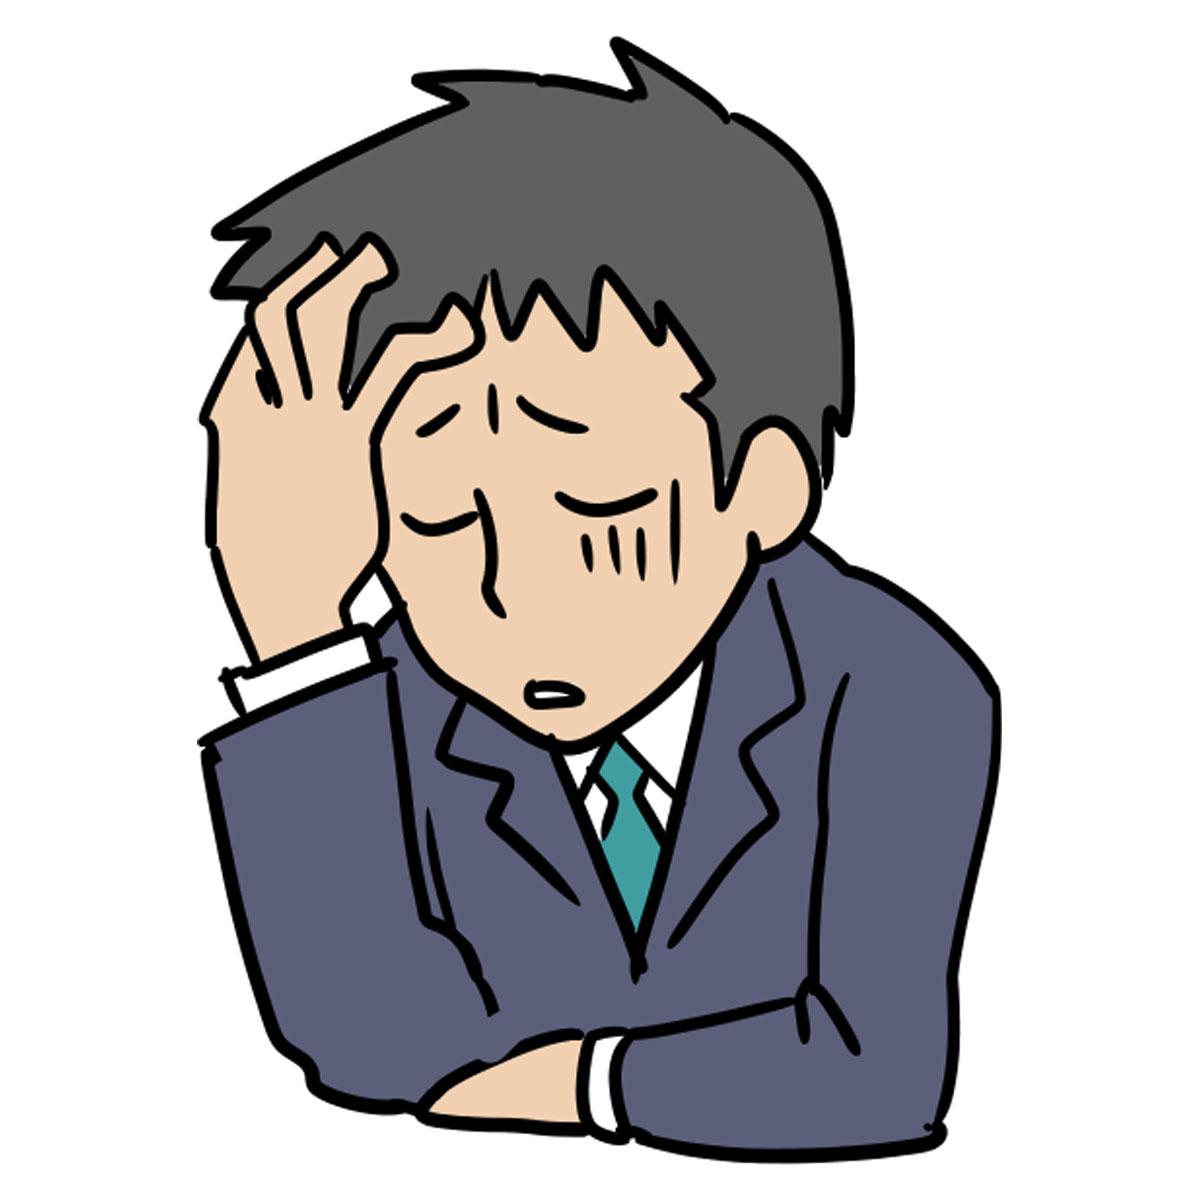 痛風経験談 南さん編①私の痛風の原因は酒とストレス